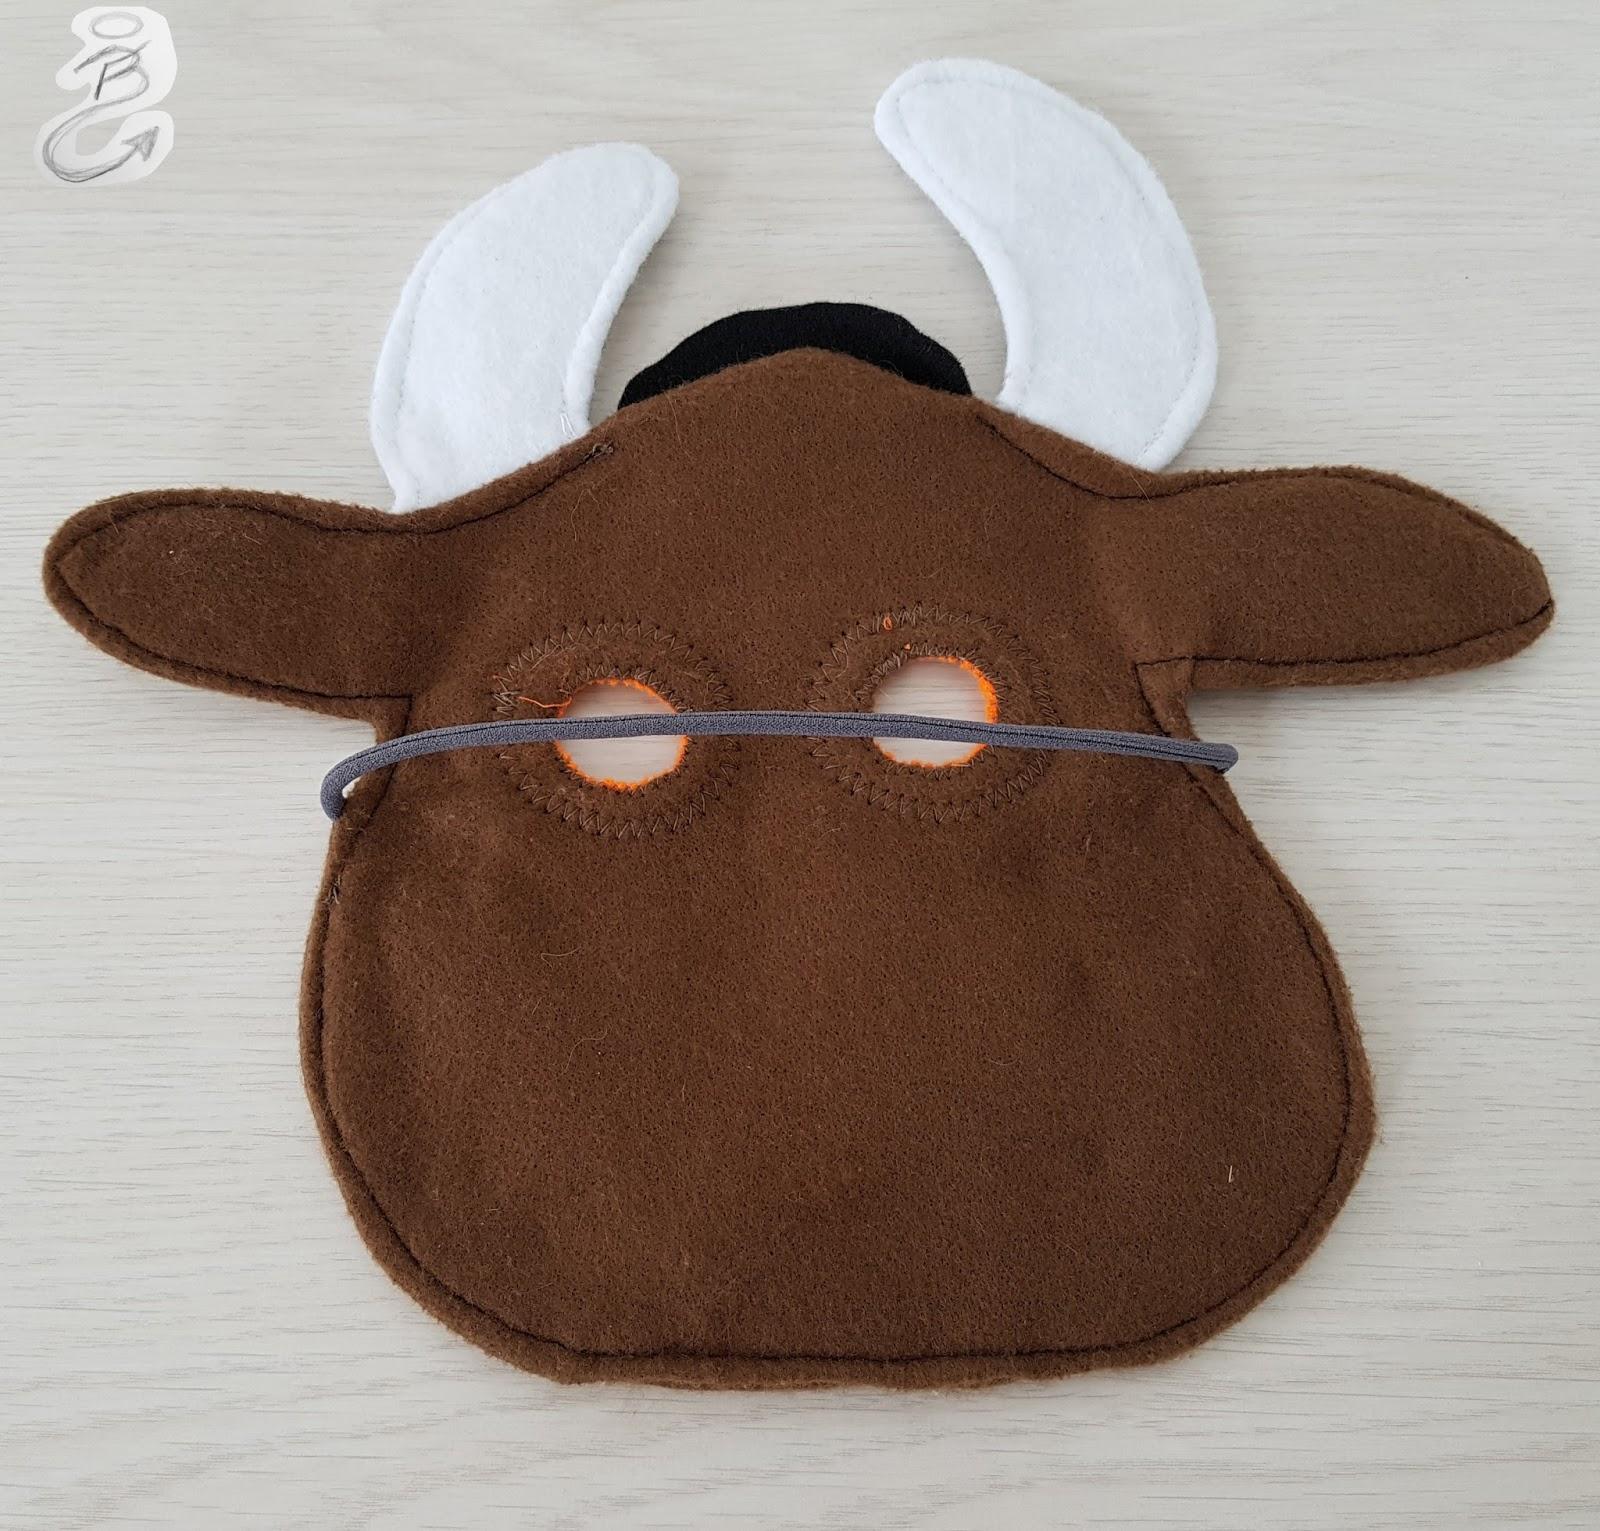 Nuckelpille by BF Grüffelo Maske & Grüffelo Kostüm genäht